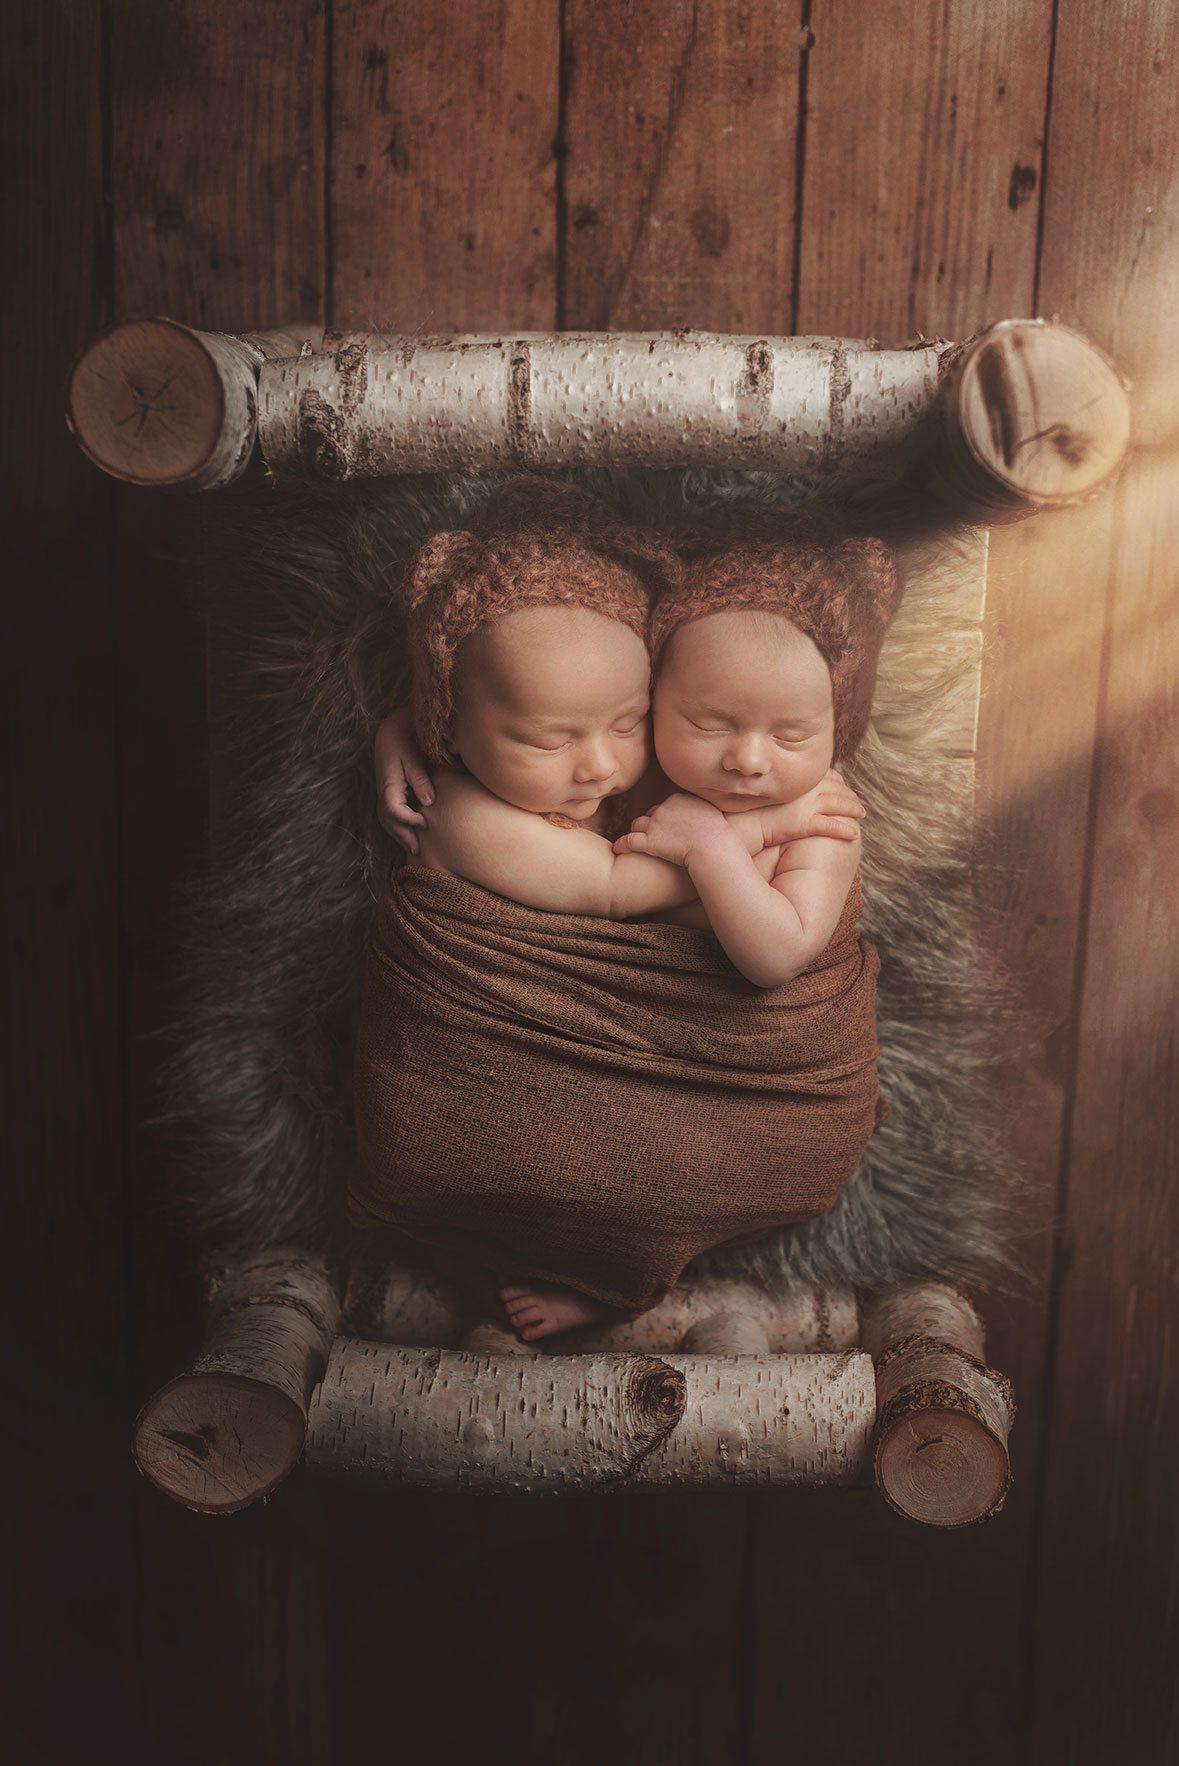 Baby boy twins cuddling on their newborn shoot in a bed.